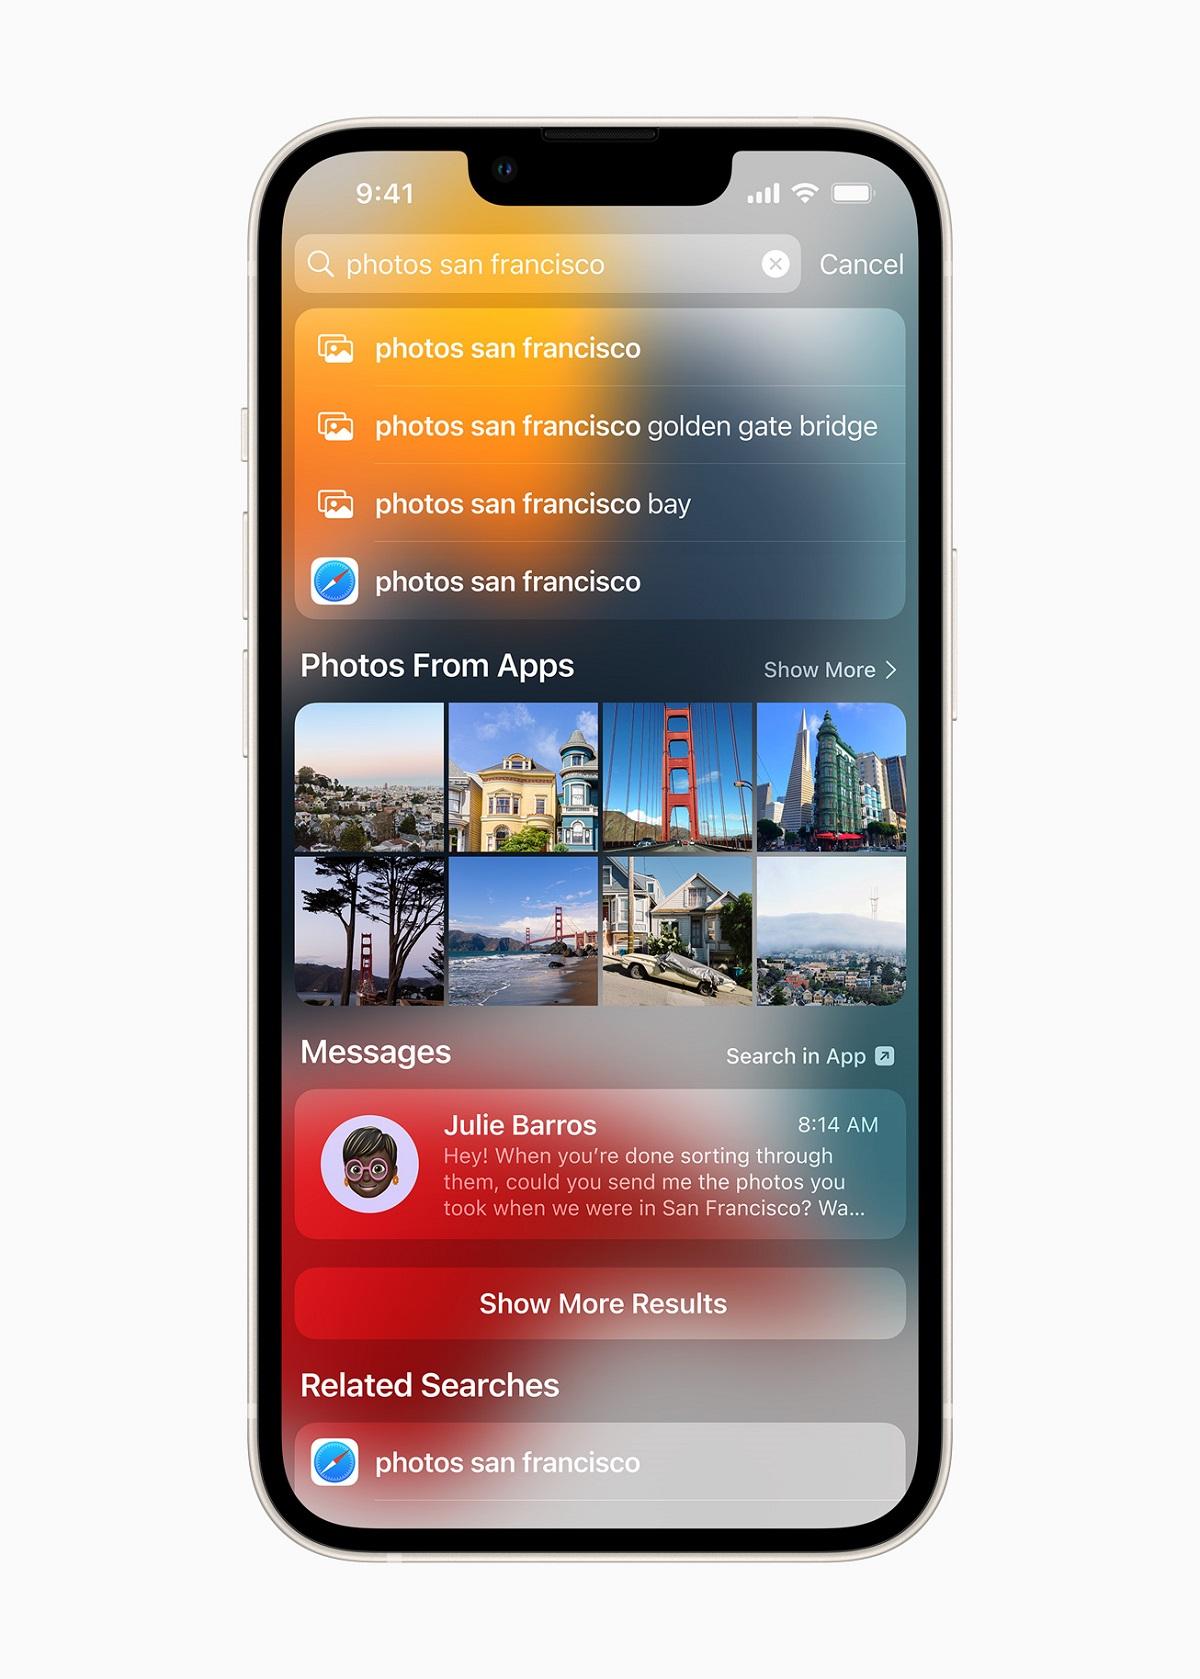 Spotlight теперь ищет фотографии по местоположению, людям, сценам и объектам.